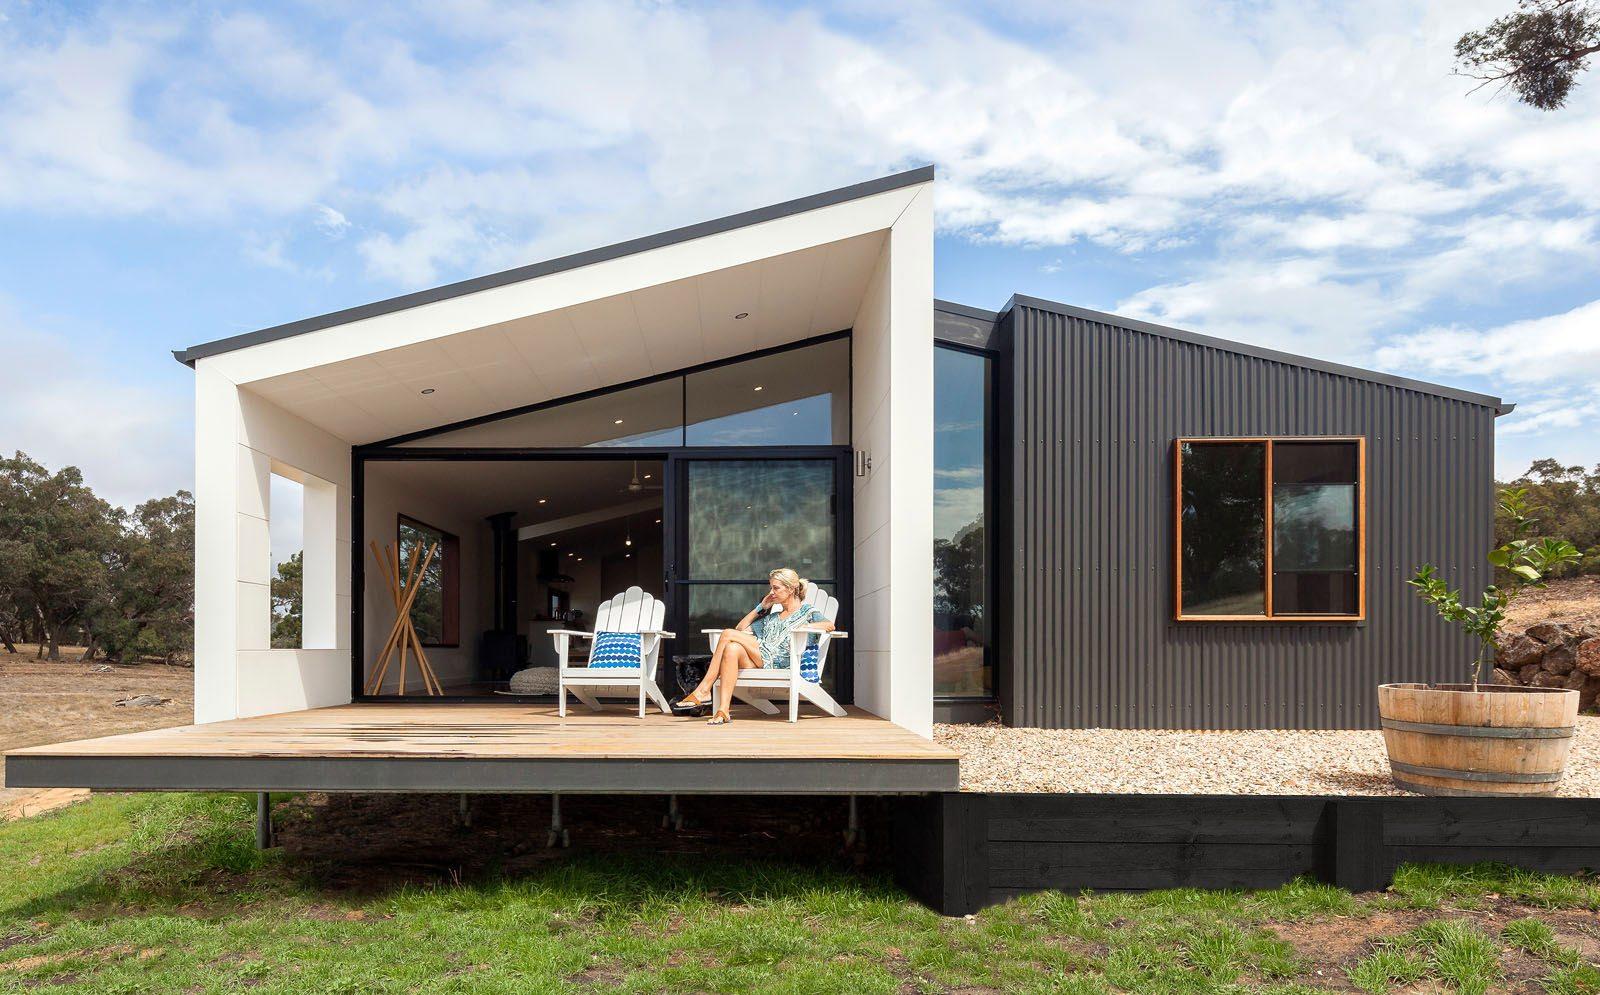 Modelli Di Case Da Costruire case prefabbricate in legno o in cemento: ecco i prezzi e i